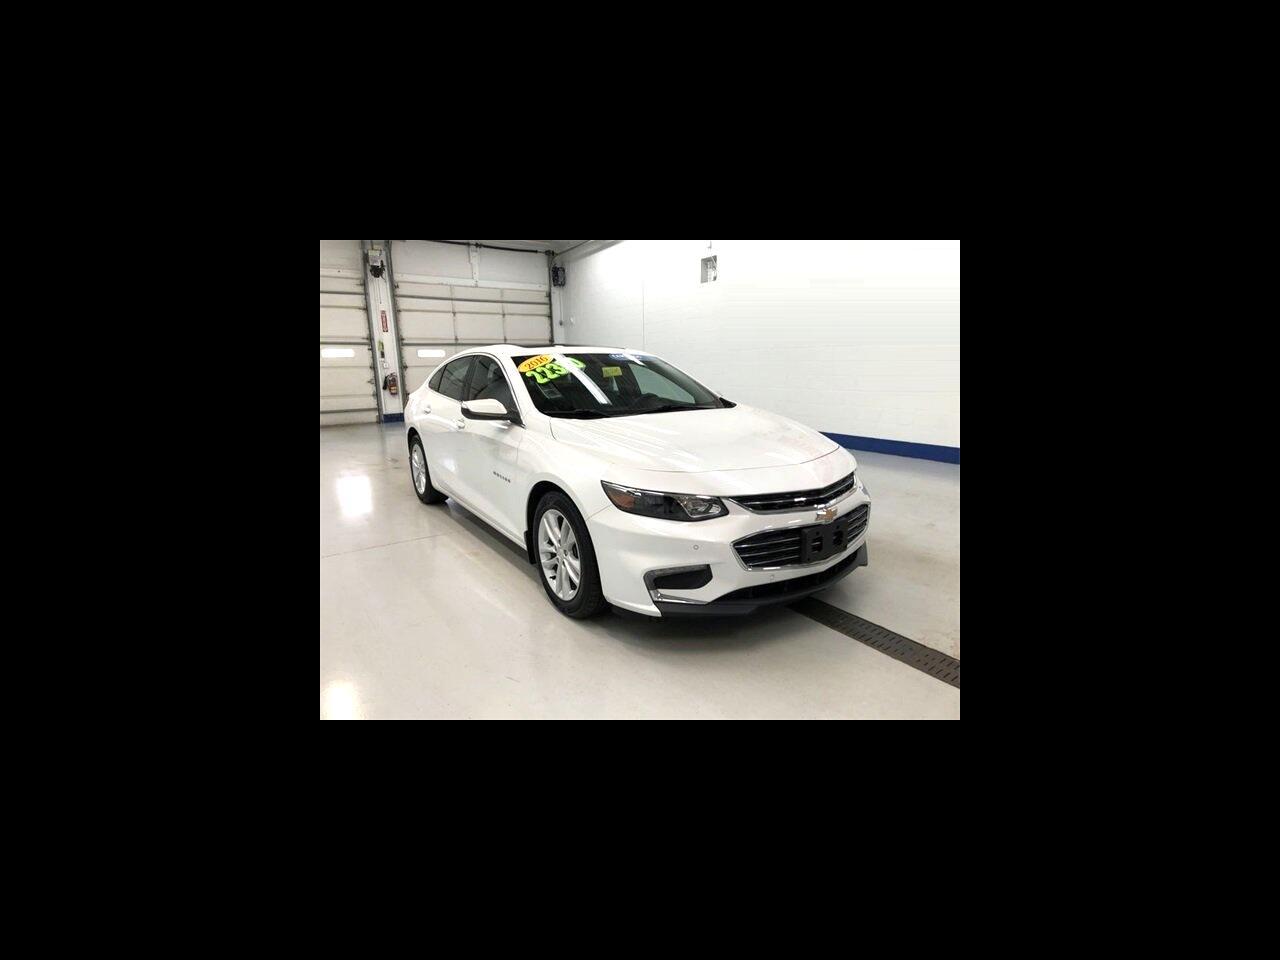 Chevrolet Malibu 4dr Sdn Hybrid w/1HY 2016